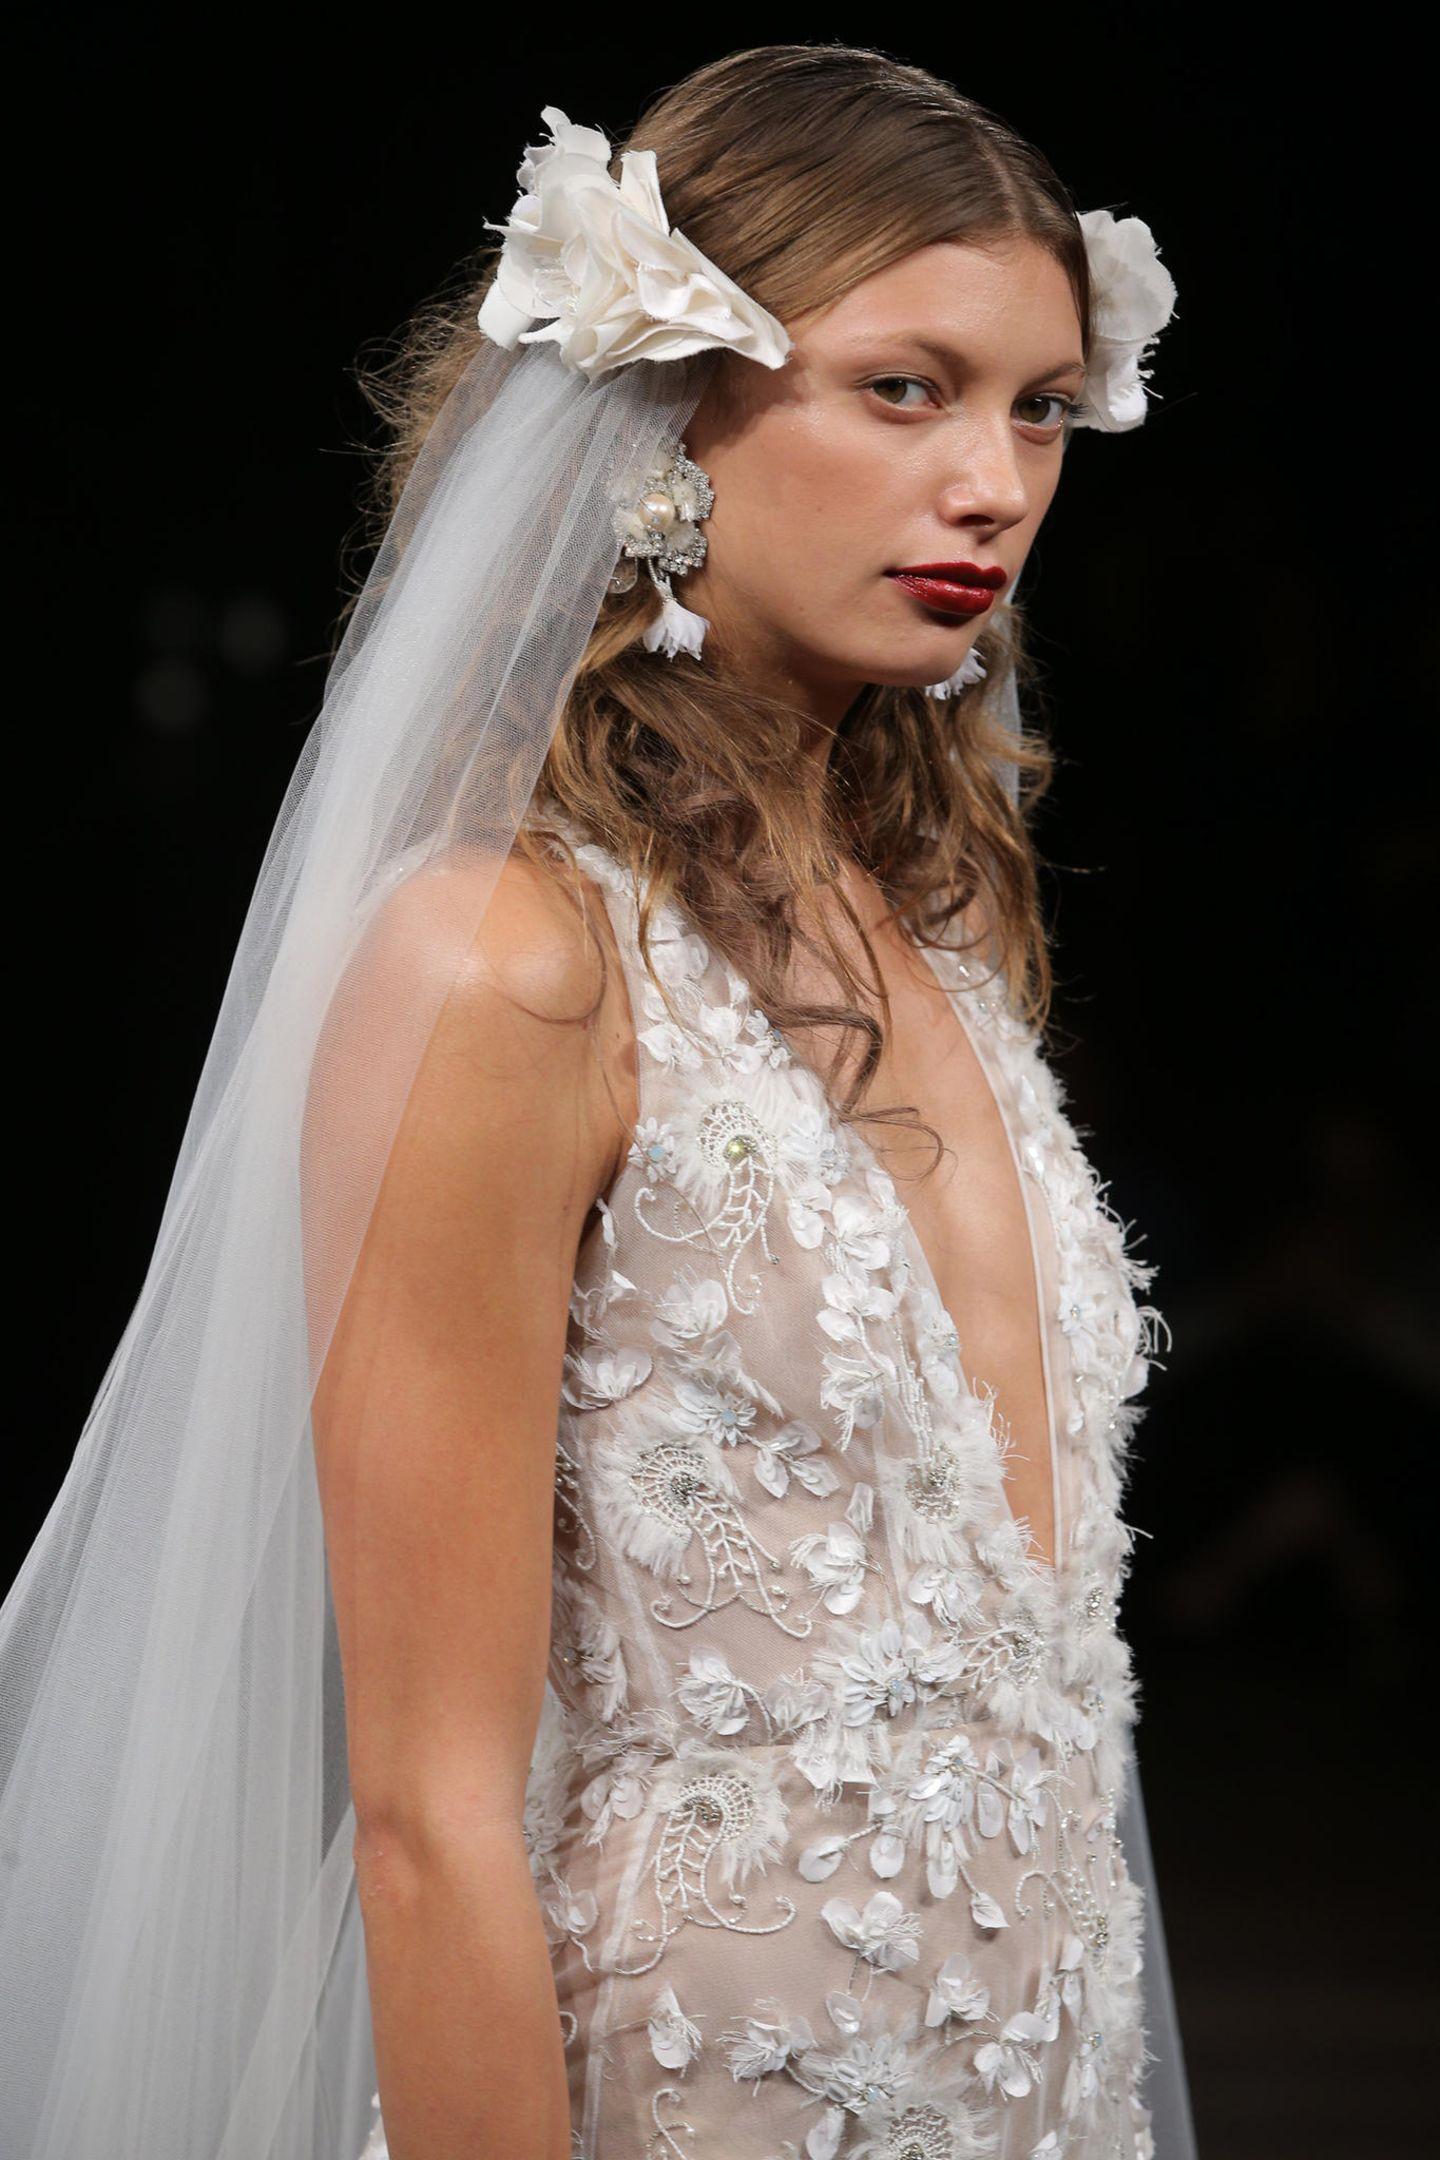 Brautfrisur mit Schleier: Frau mit Brautkleid und zwei Schleier-Elementen im Haar